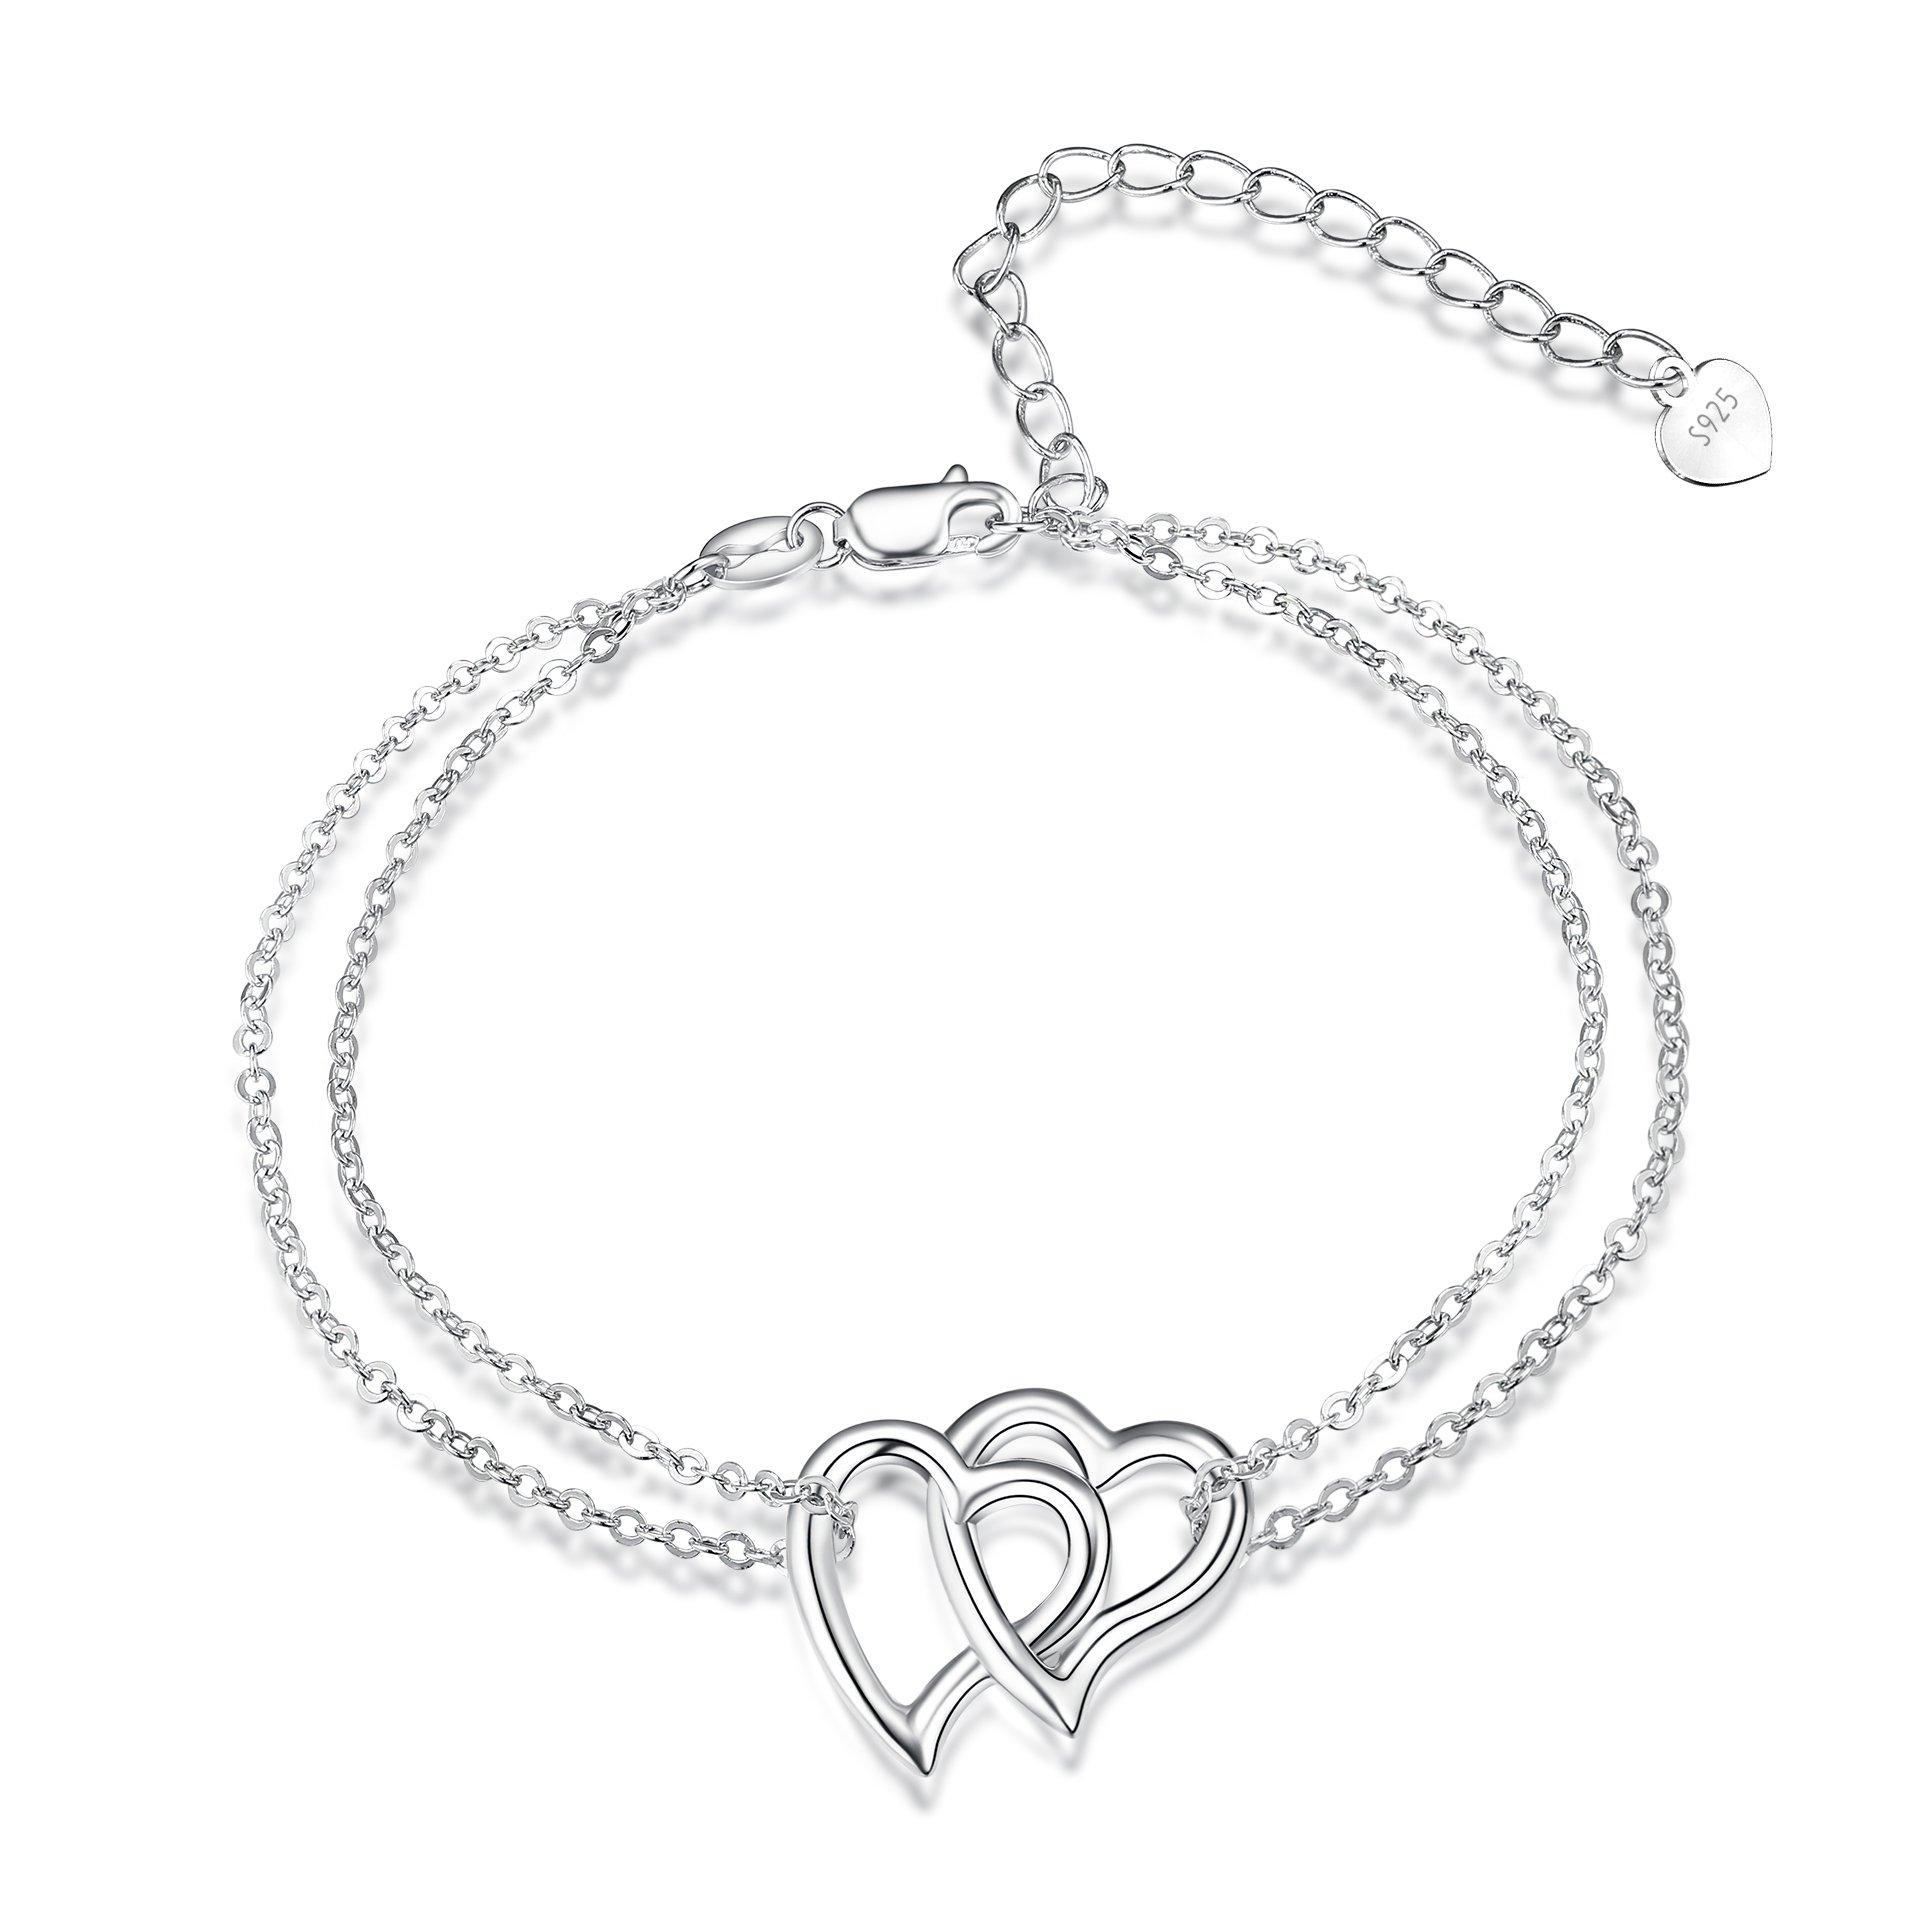 POPLYKE Heart Bracelet Sterling Silver Adjustable Double Heart Link Chain Bracelets for Women Girls